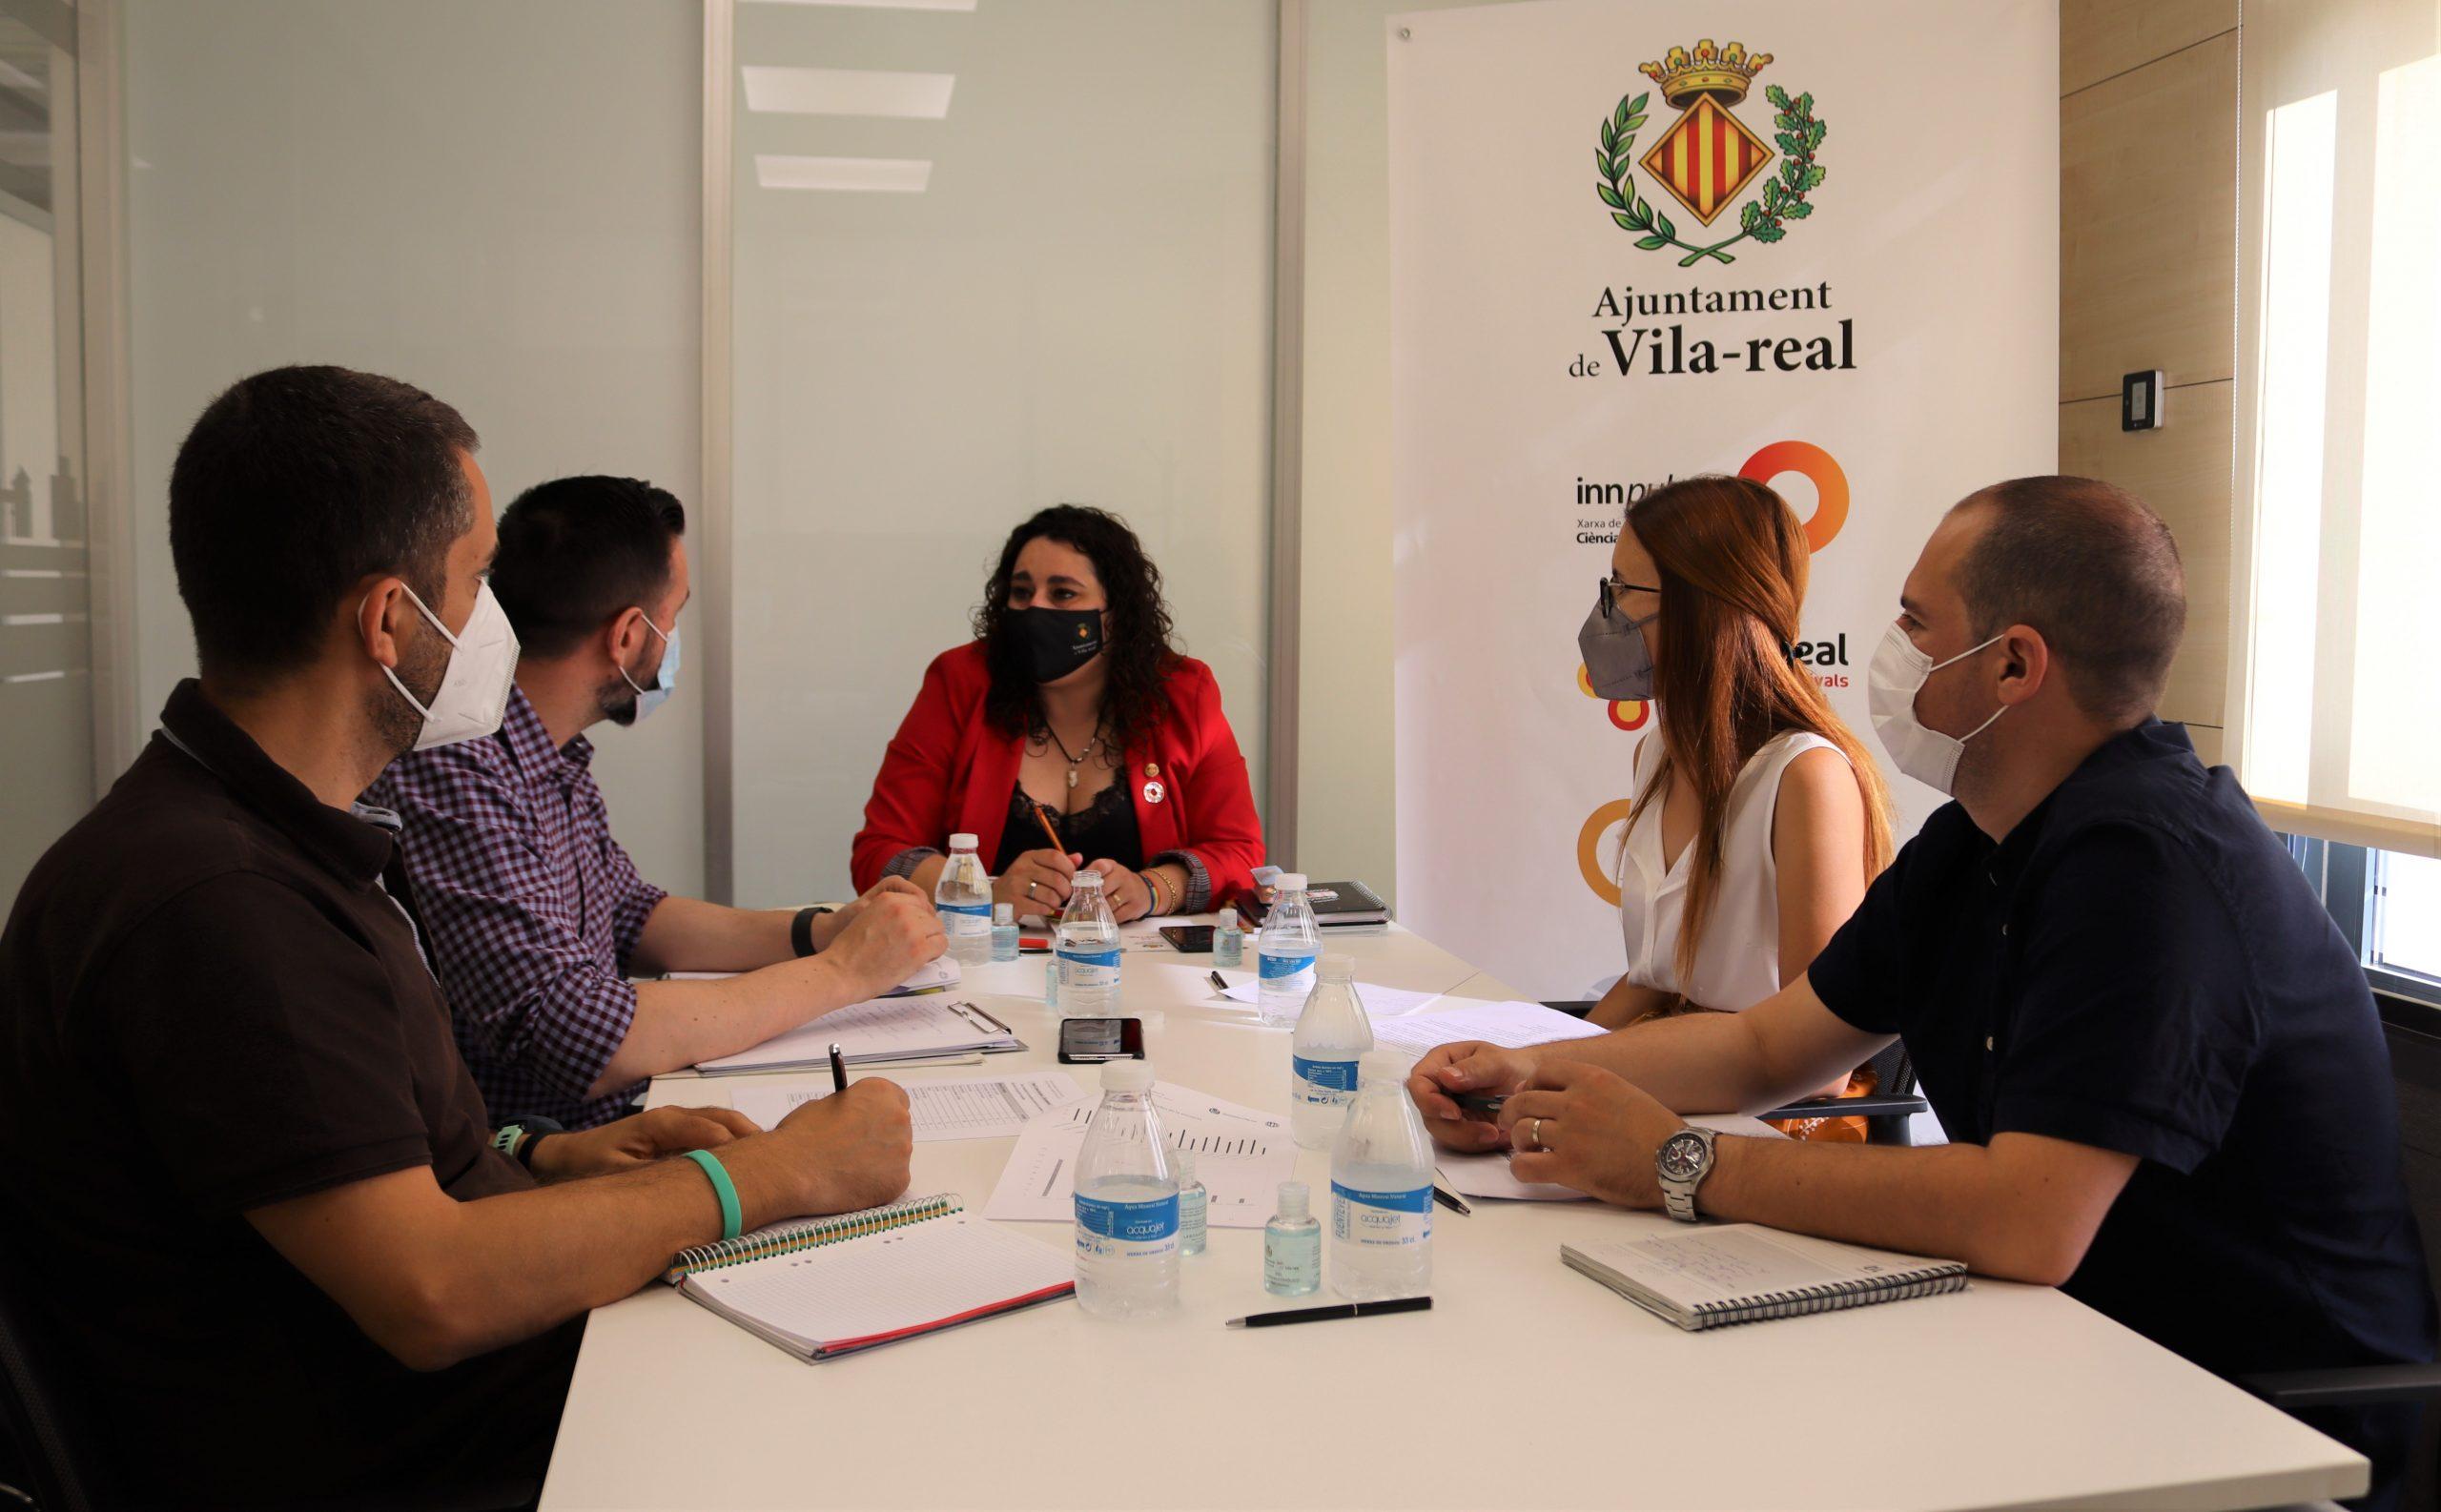 Entrevista a la concejala de Participación Ciudadana, Miriam Caravaca